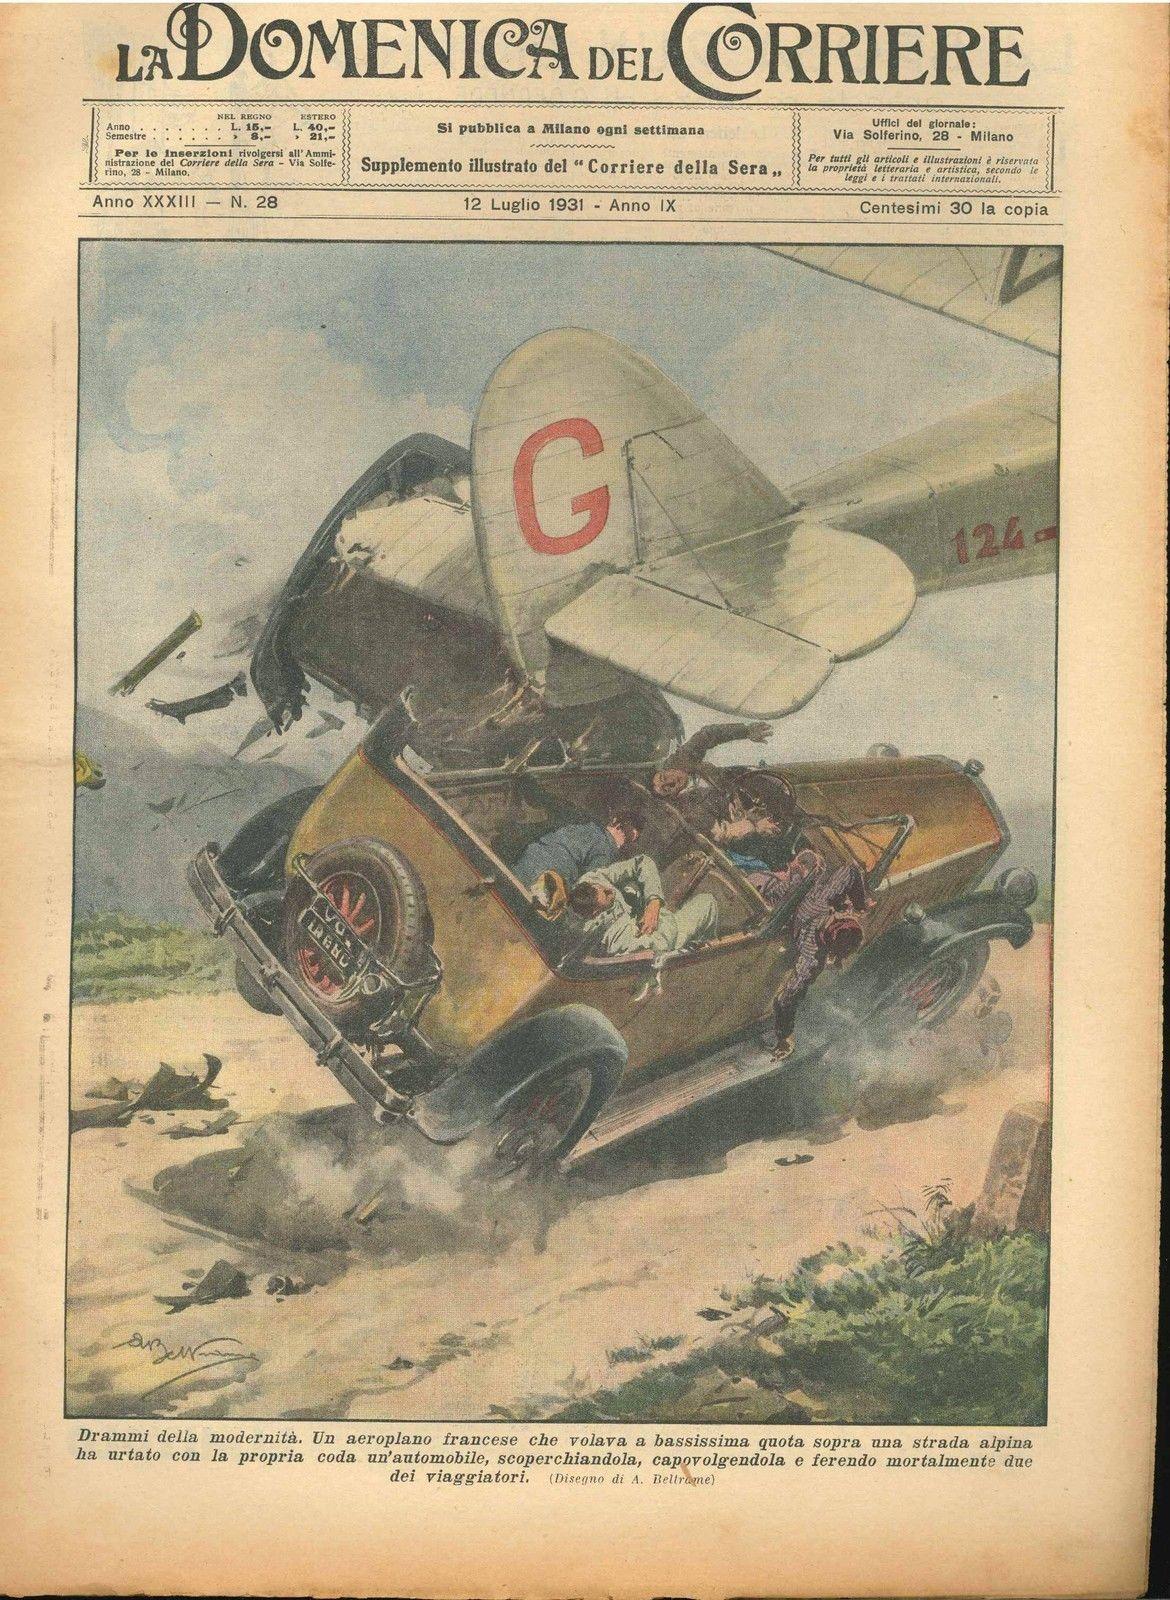 DOMENICA DEL CORRIERE N°  28 - 12 LUGLIO 1931 - ILL.  A. BELTRAME